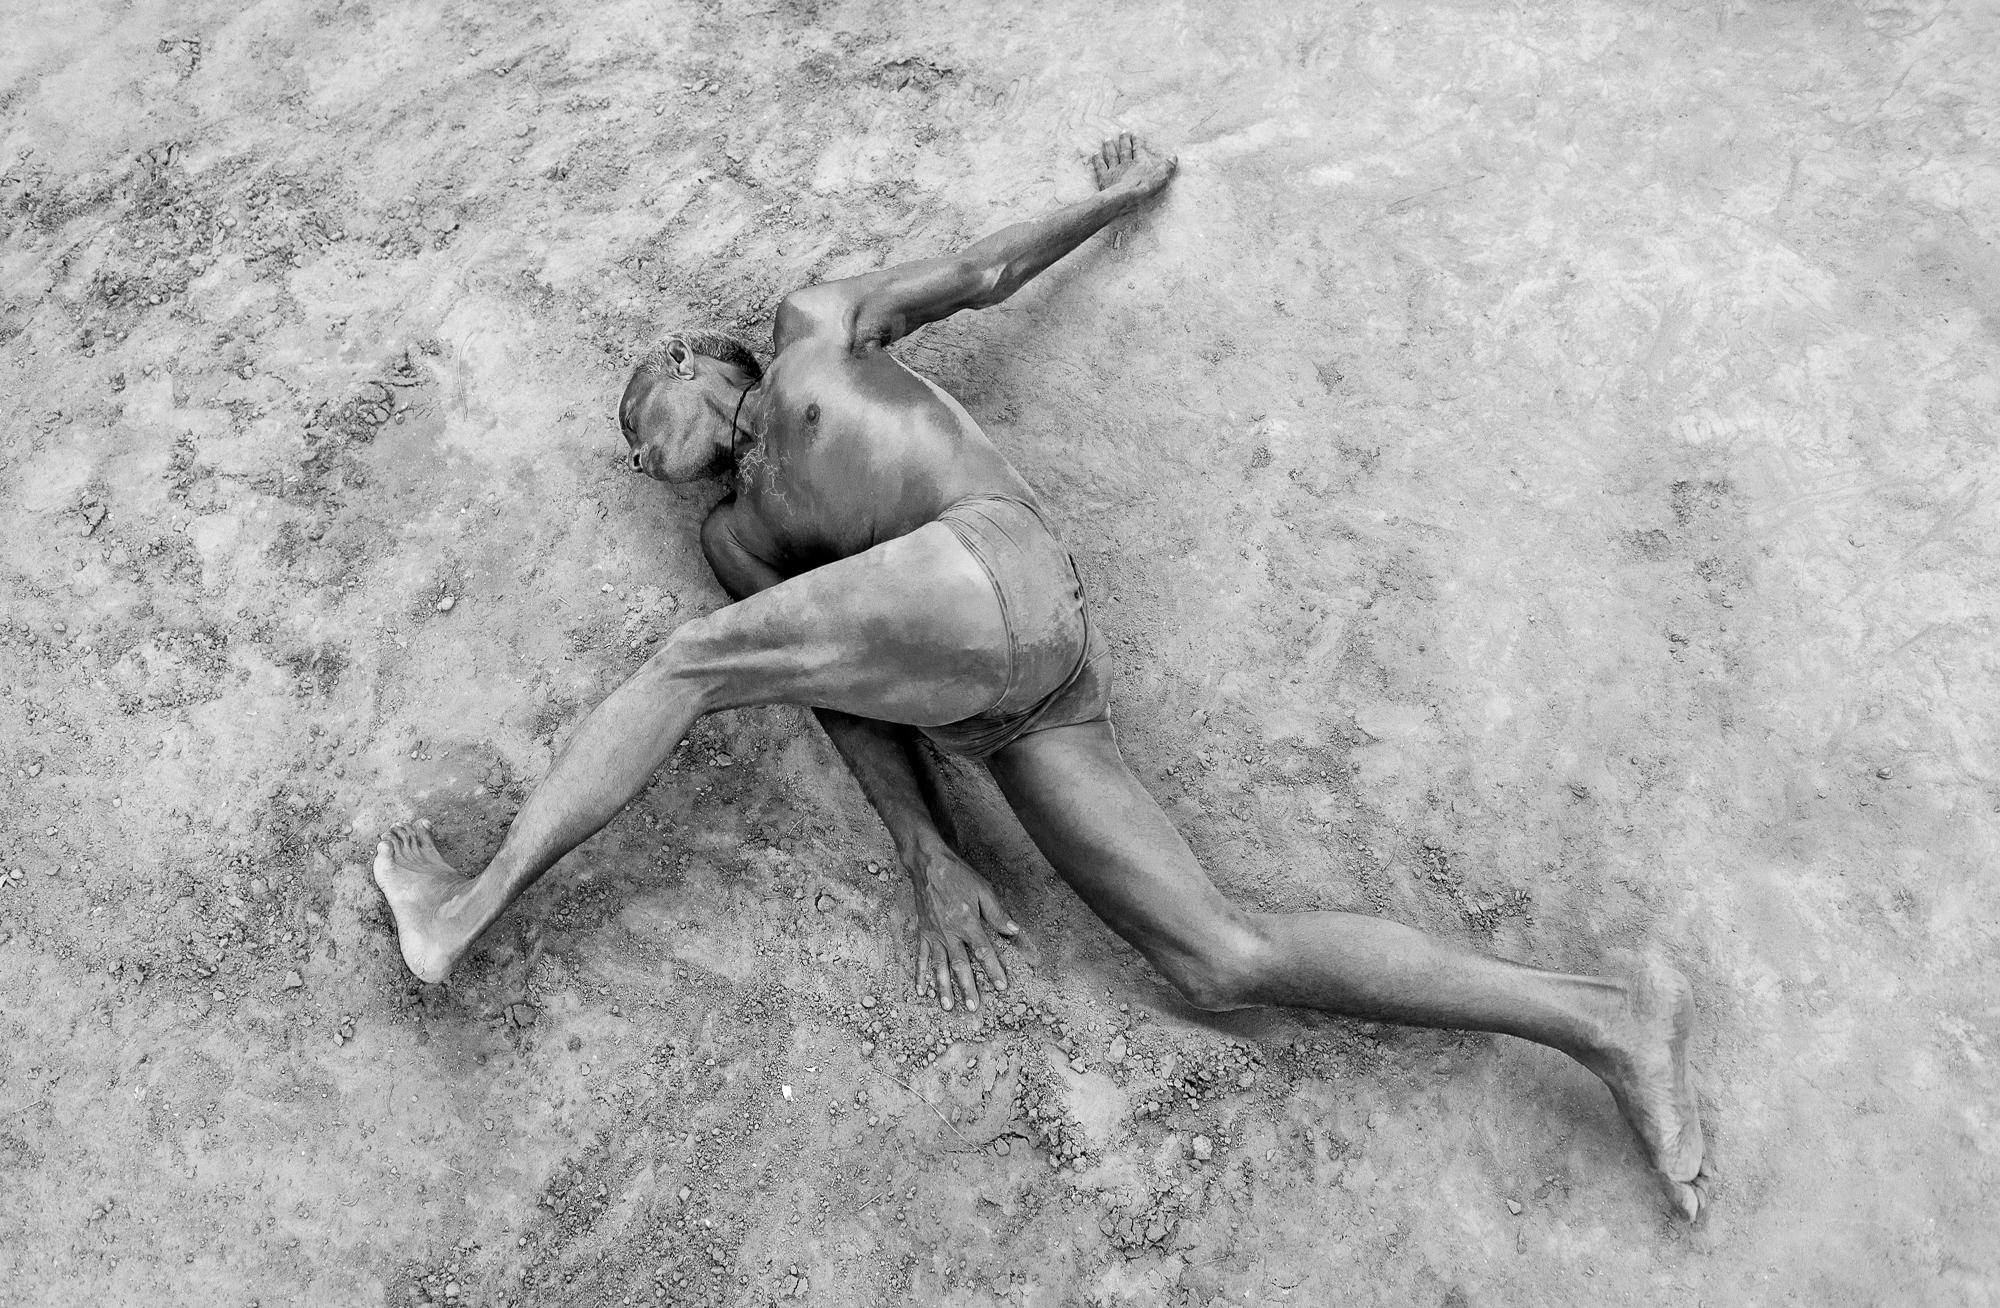 Wrestler stretching, Kushti Akhara, Varanasi, 2019